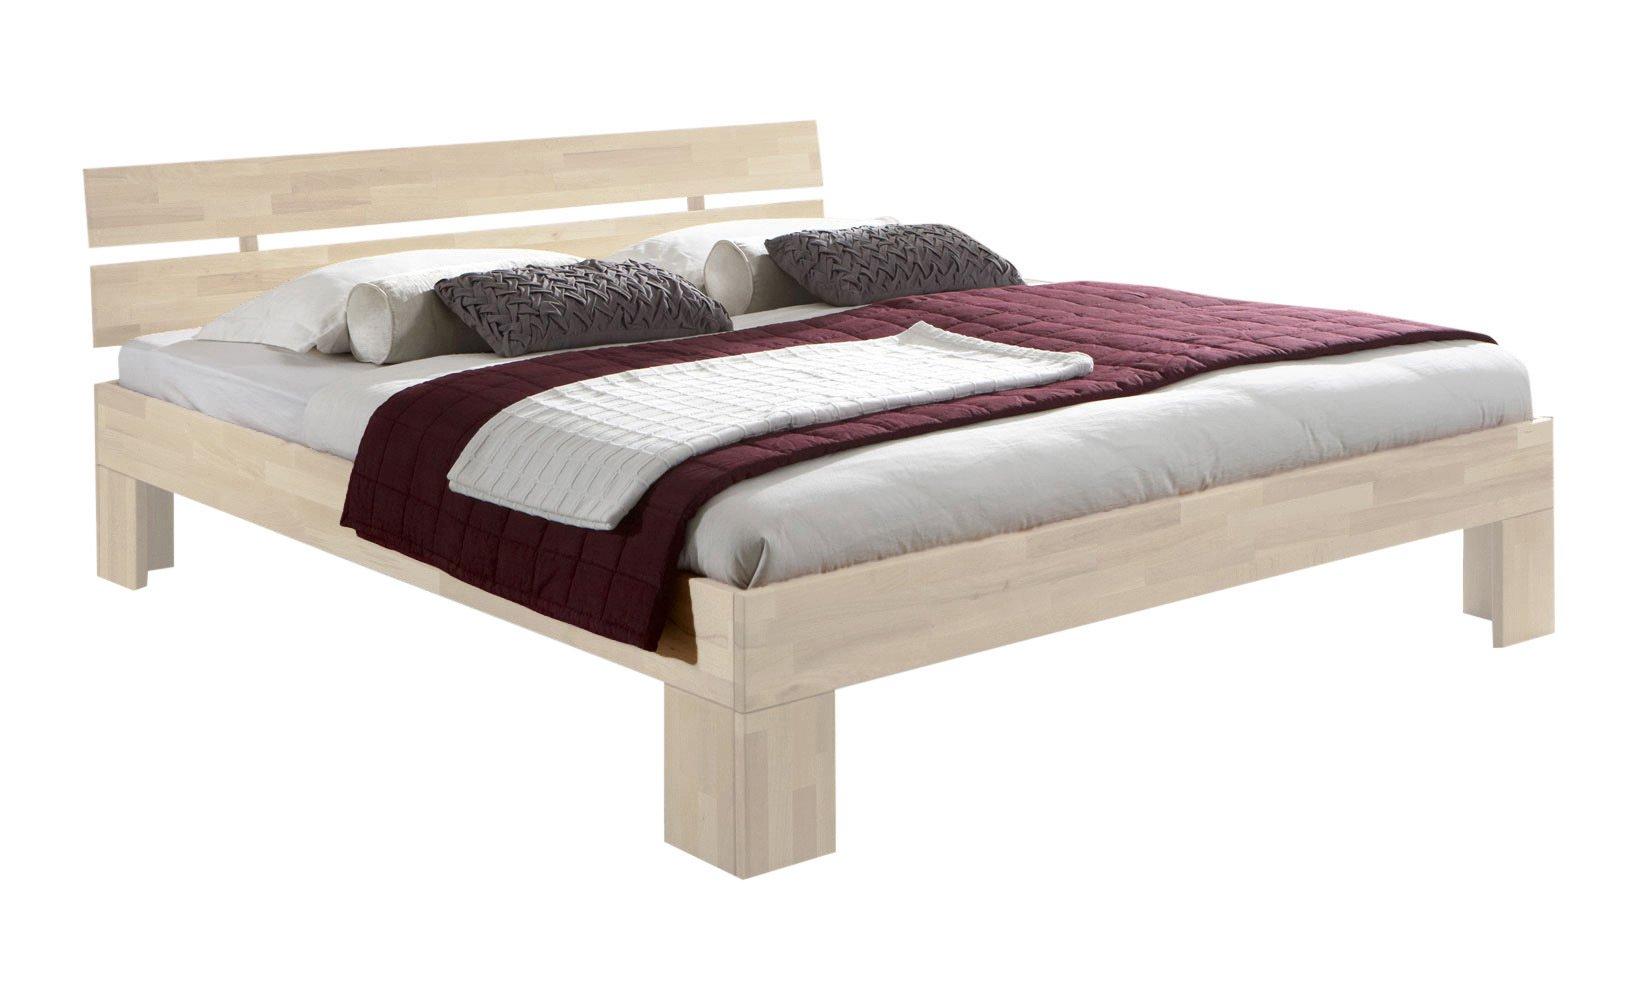 Am besten bewertete Produkte in der Kategorie Betten - Amazon.de